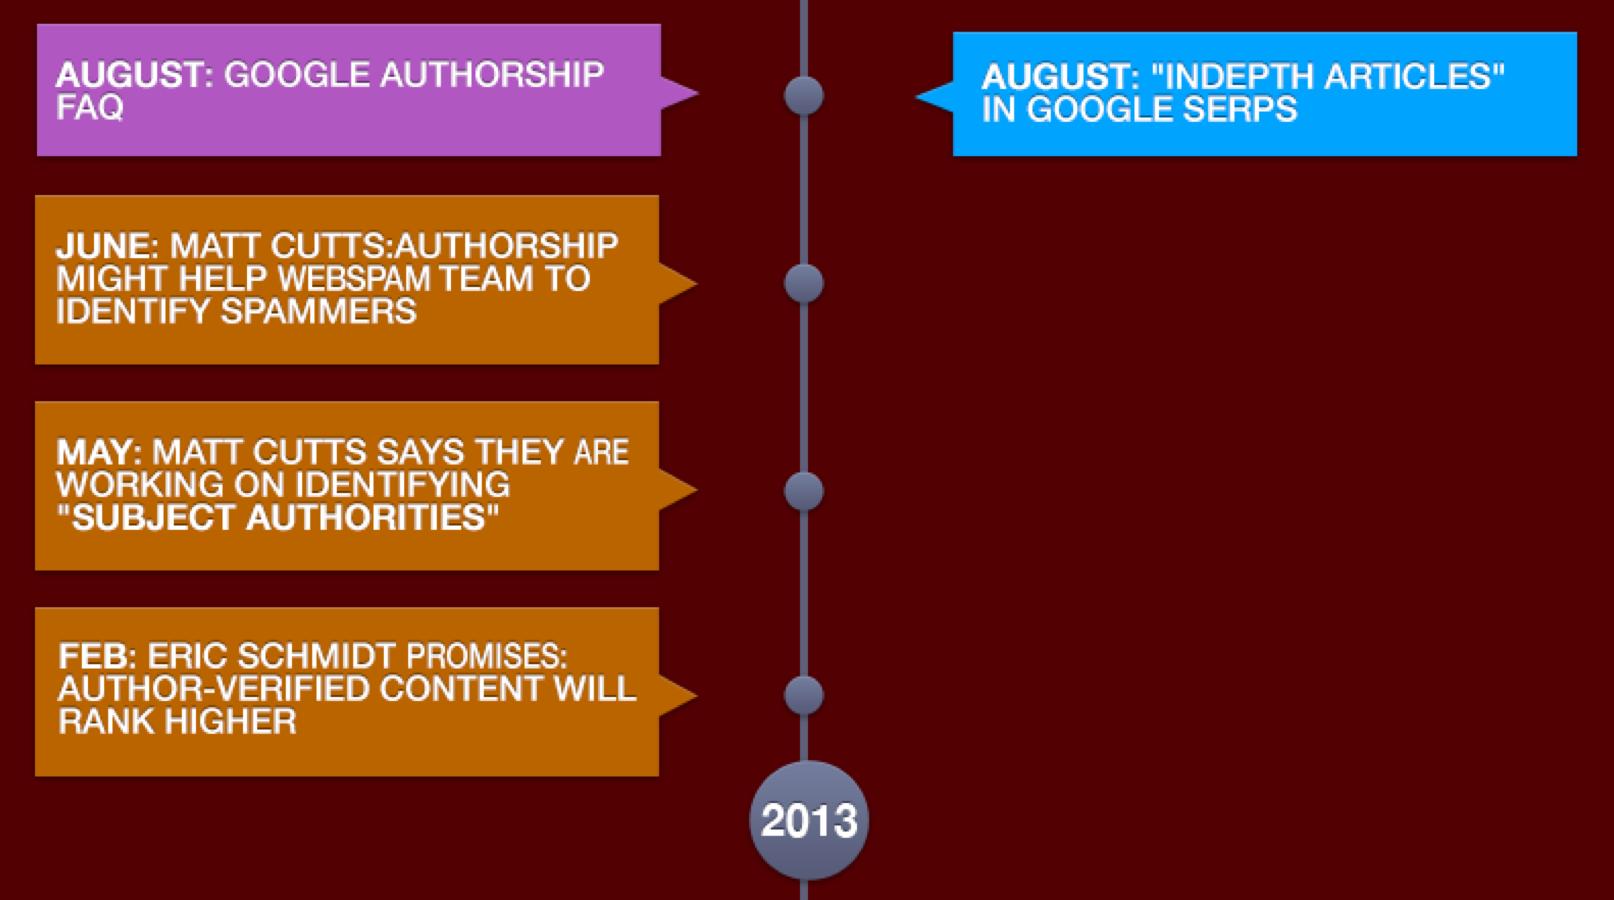 Authorship timeline